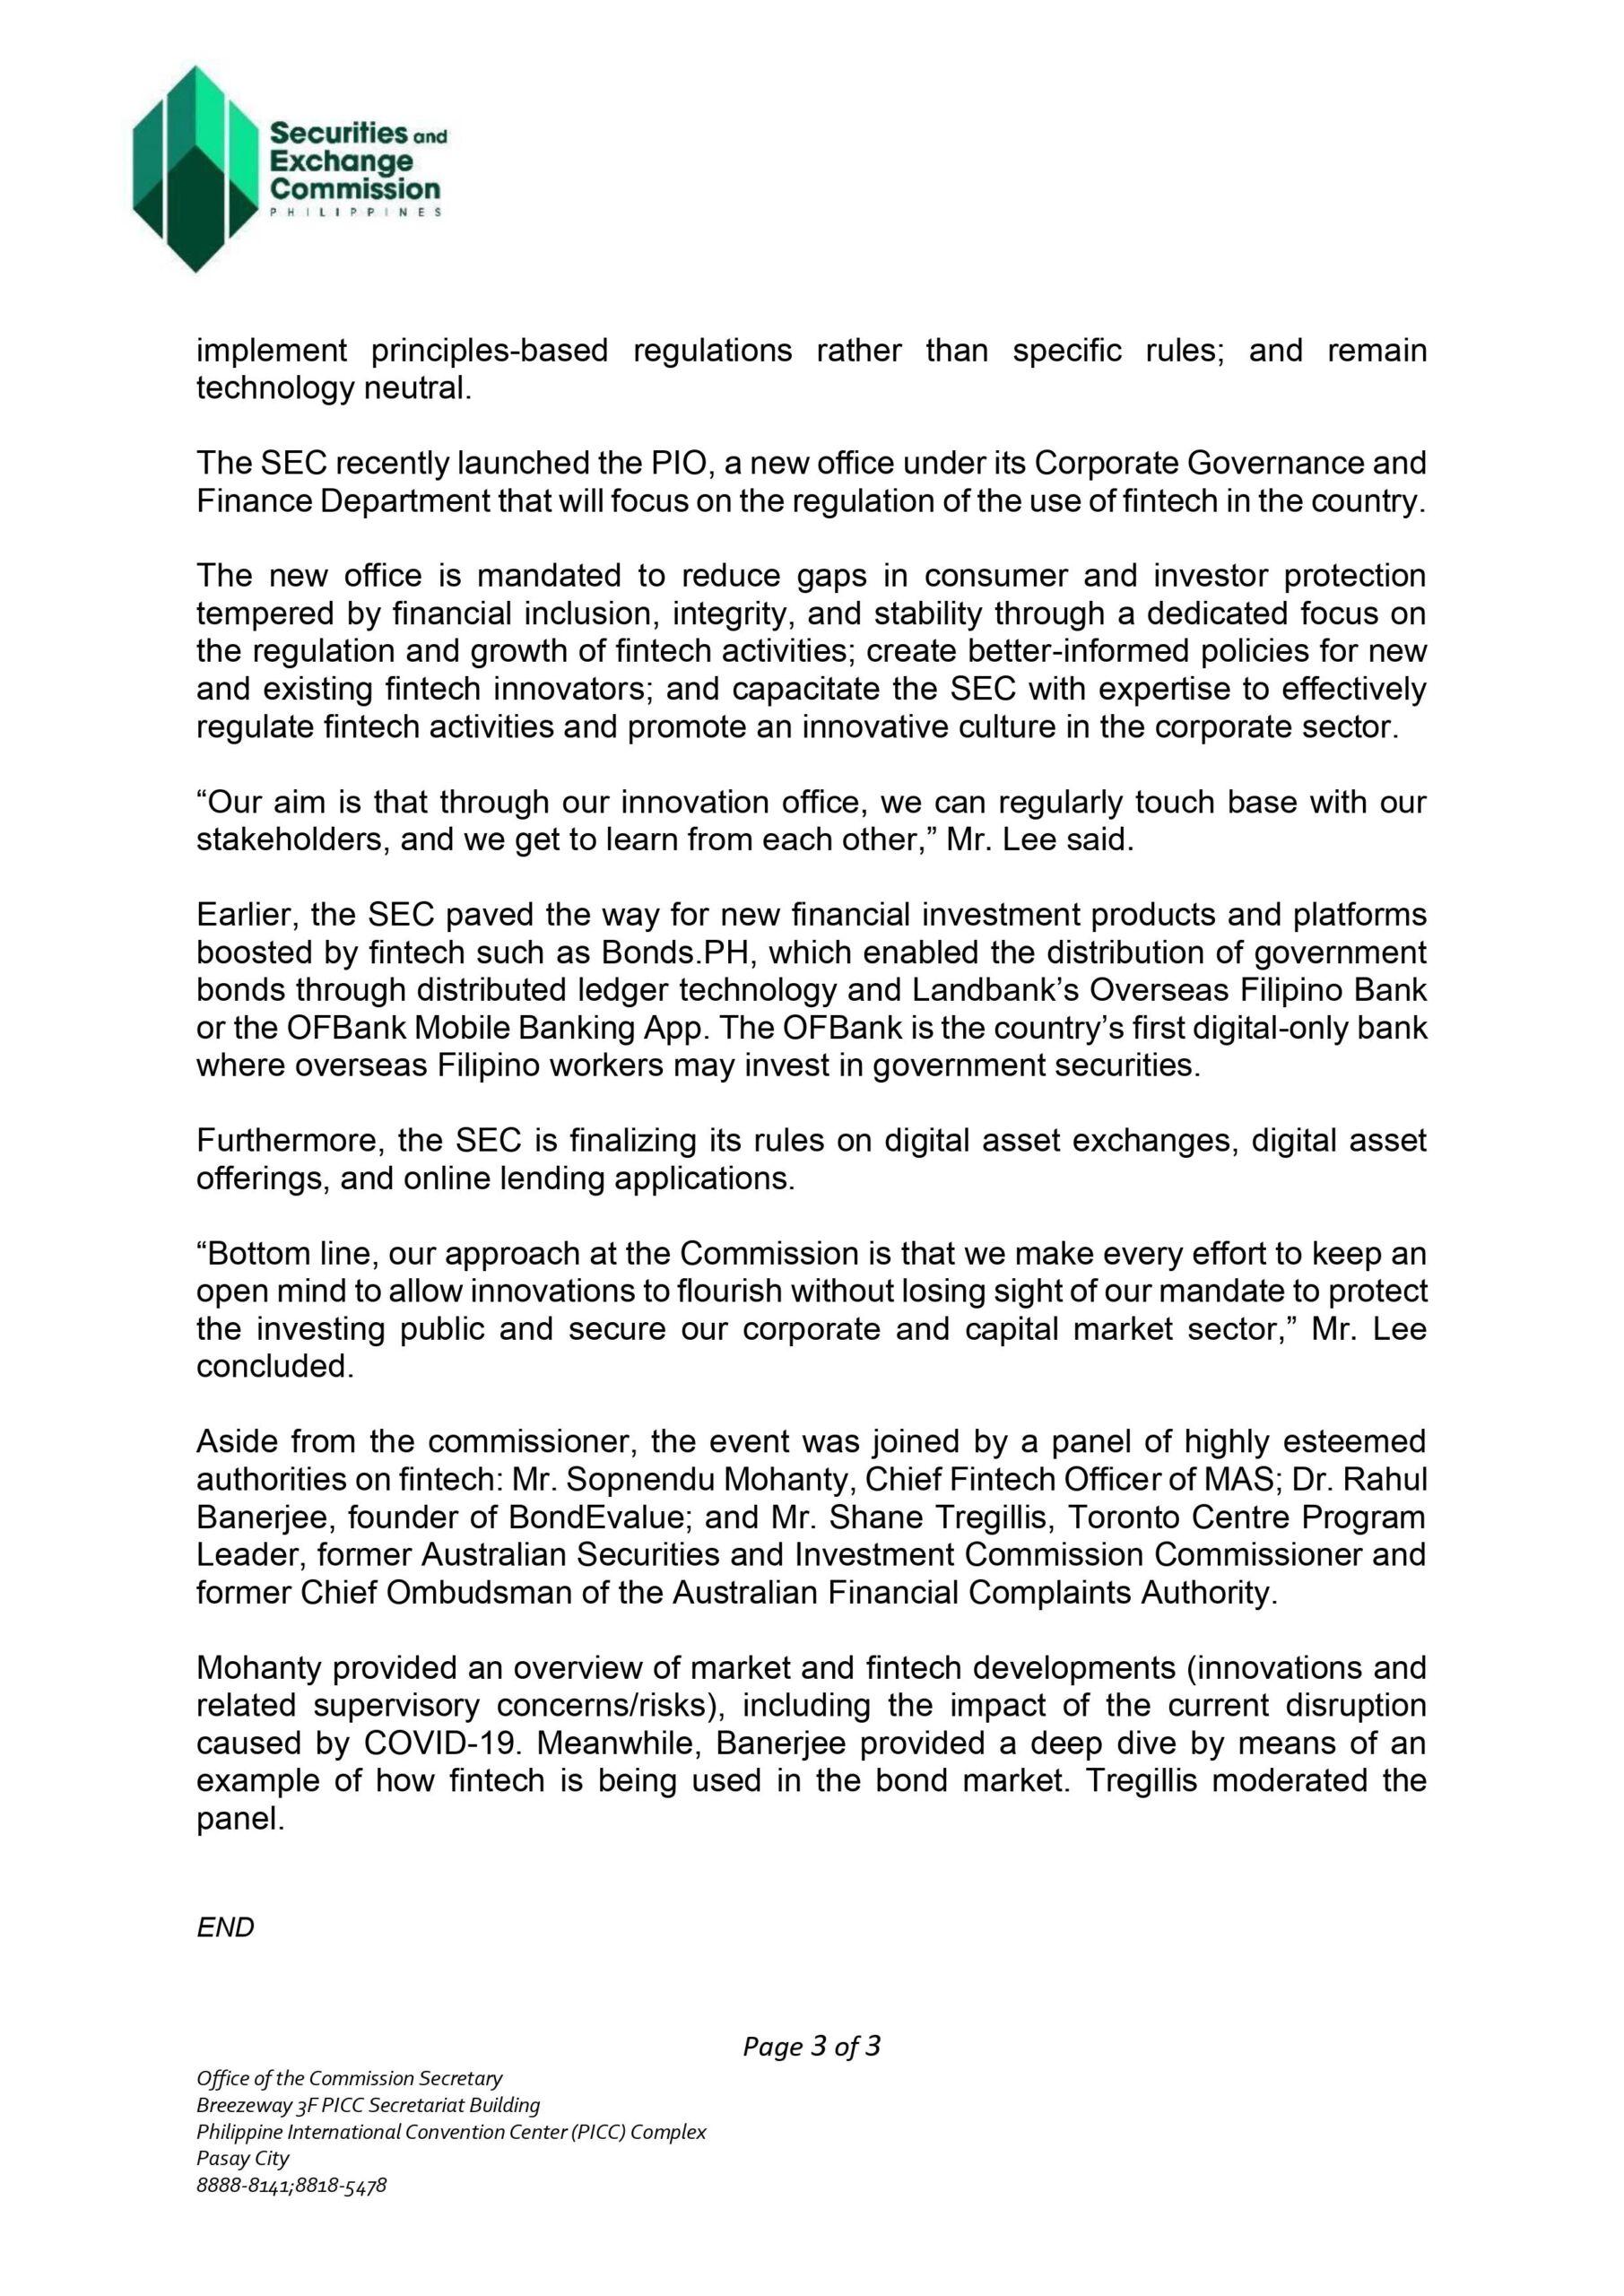 SEC Press Release-images 3